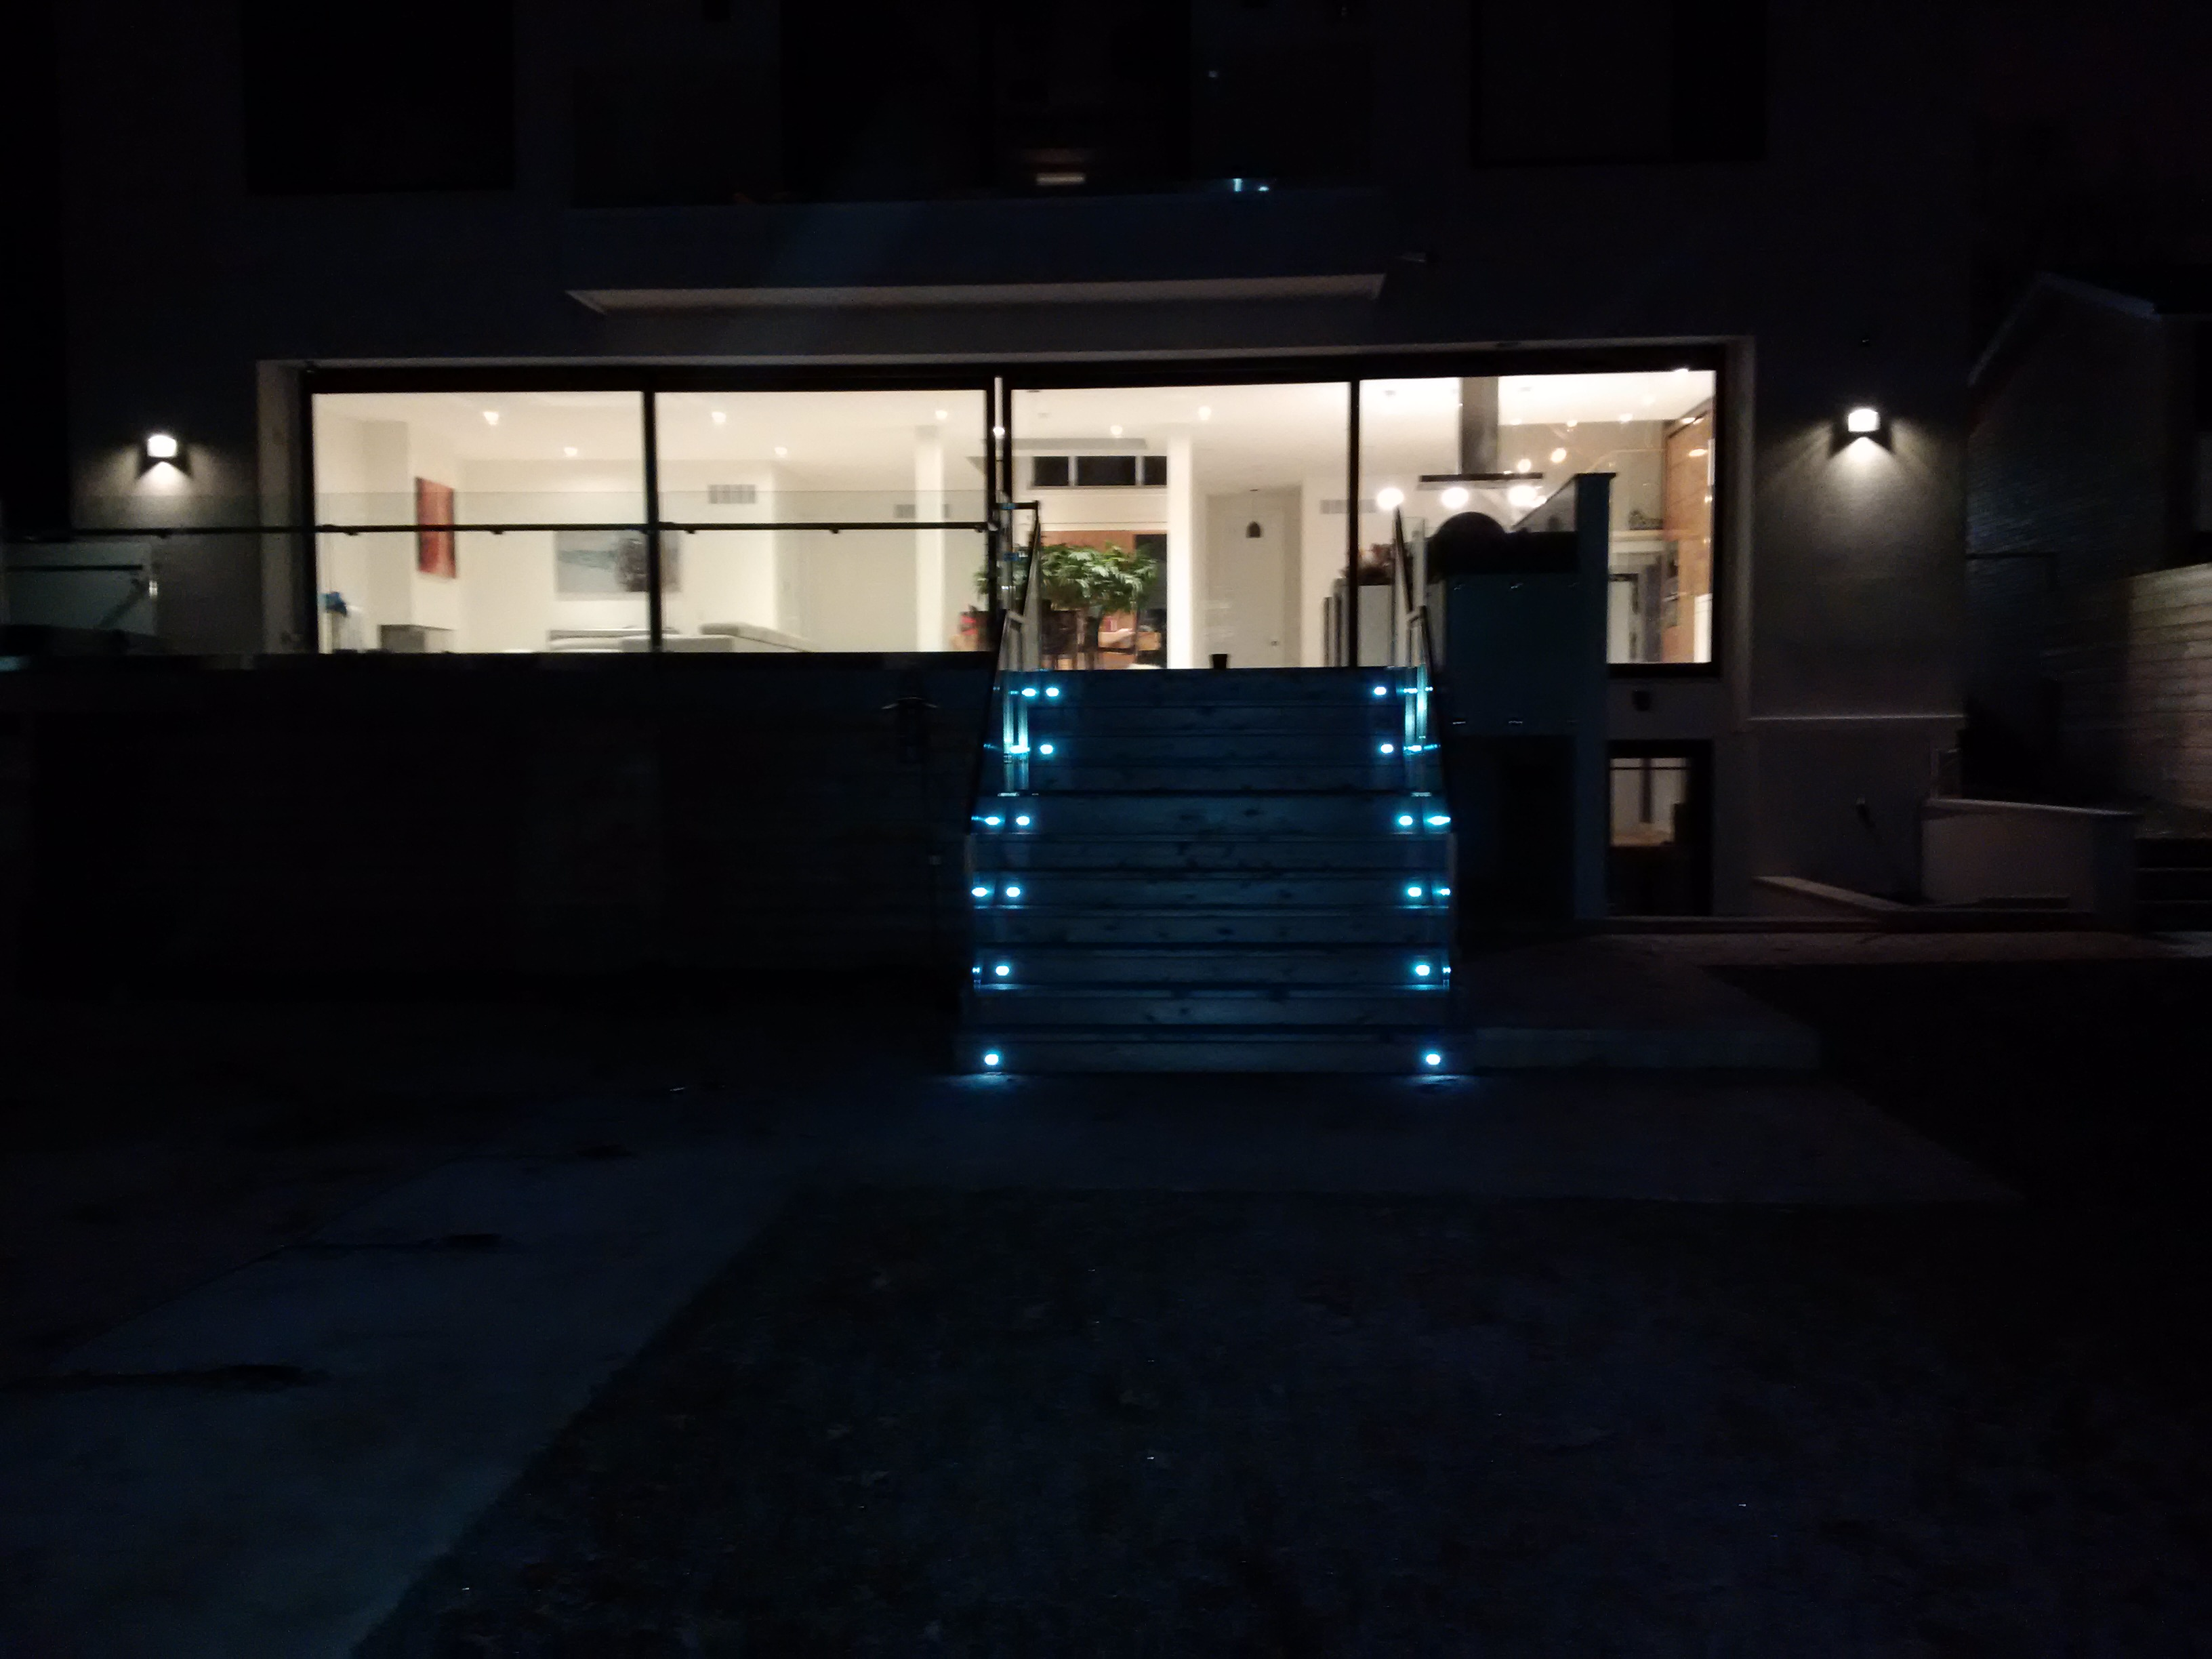 Residential/IMG_20181207_173021.jpg